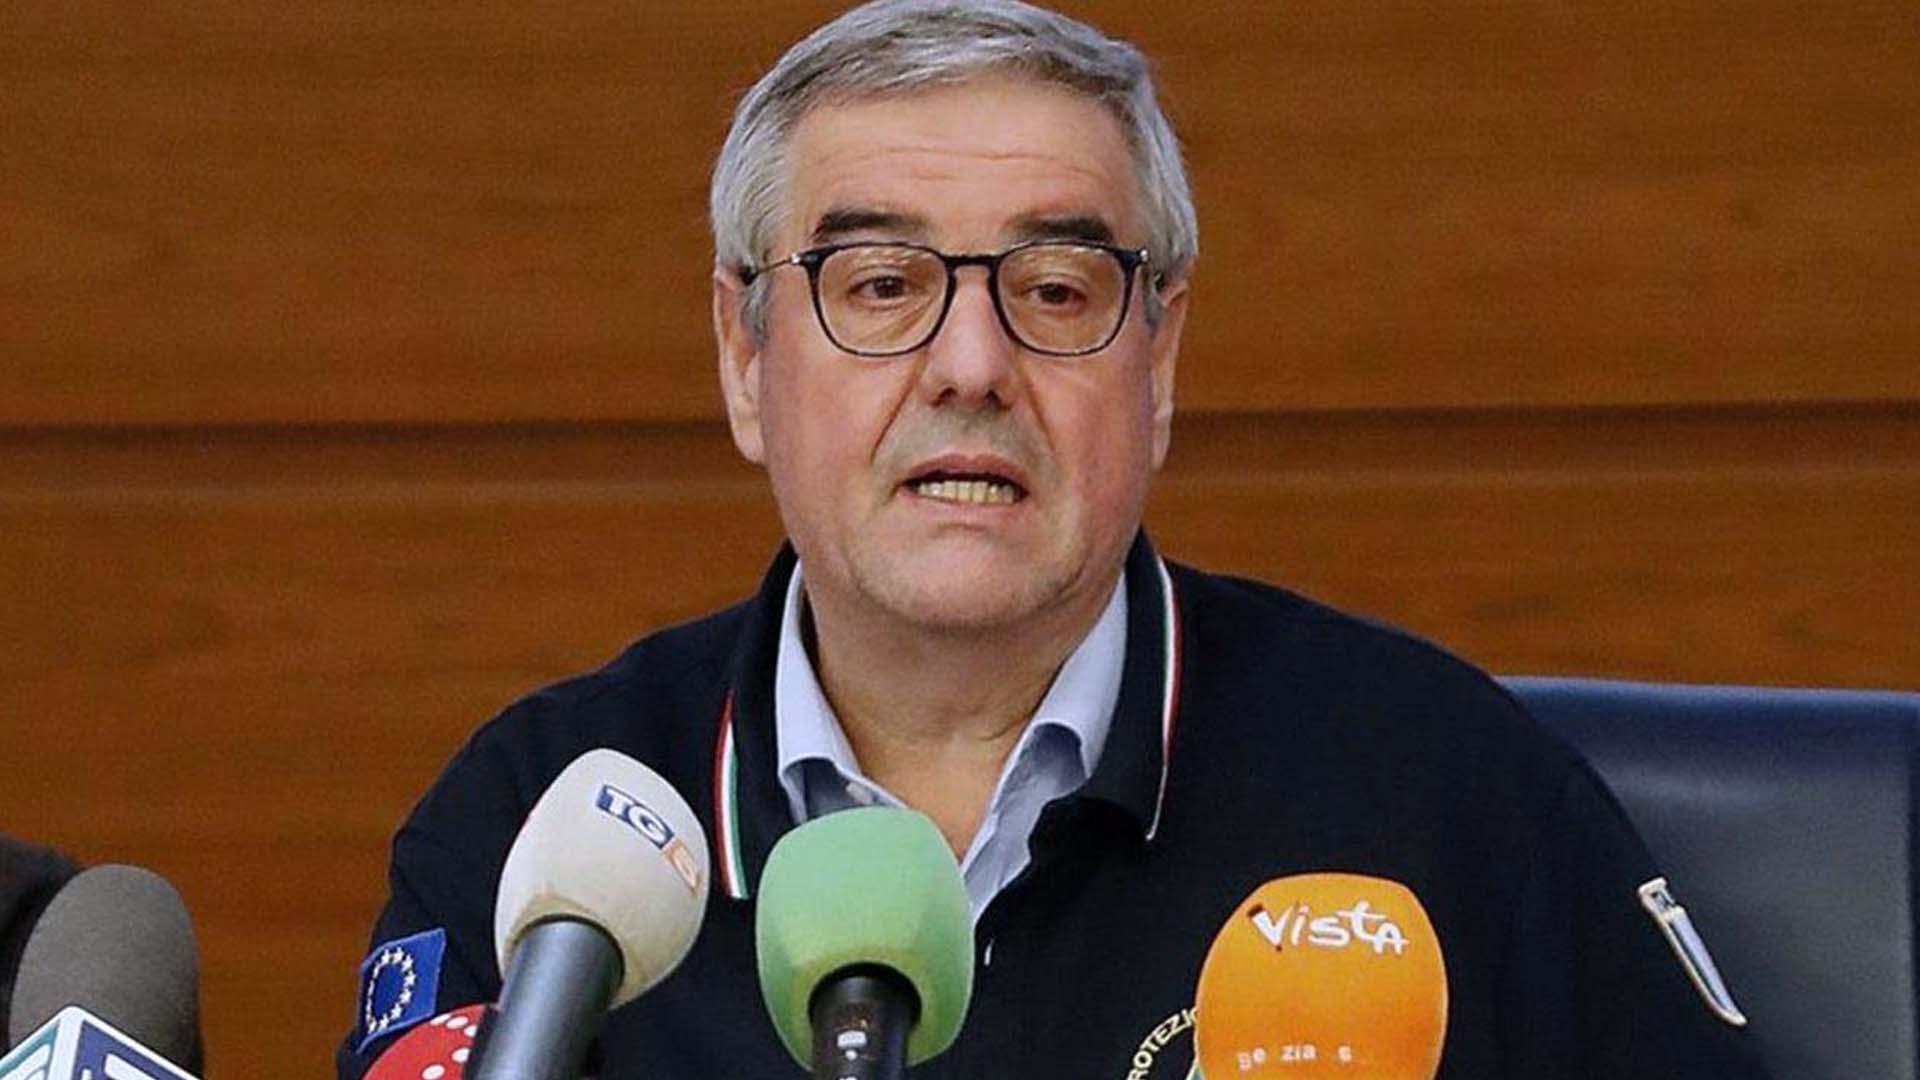 Angelo Borrelli alla conferenza stampa della Protezione Civile